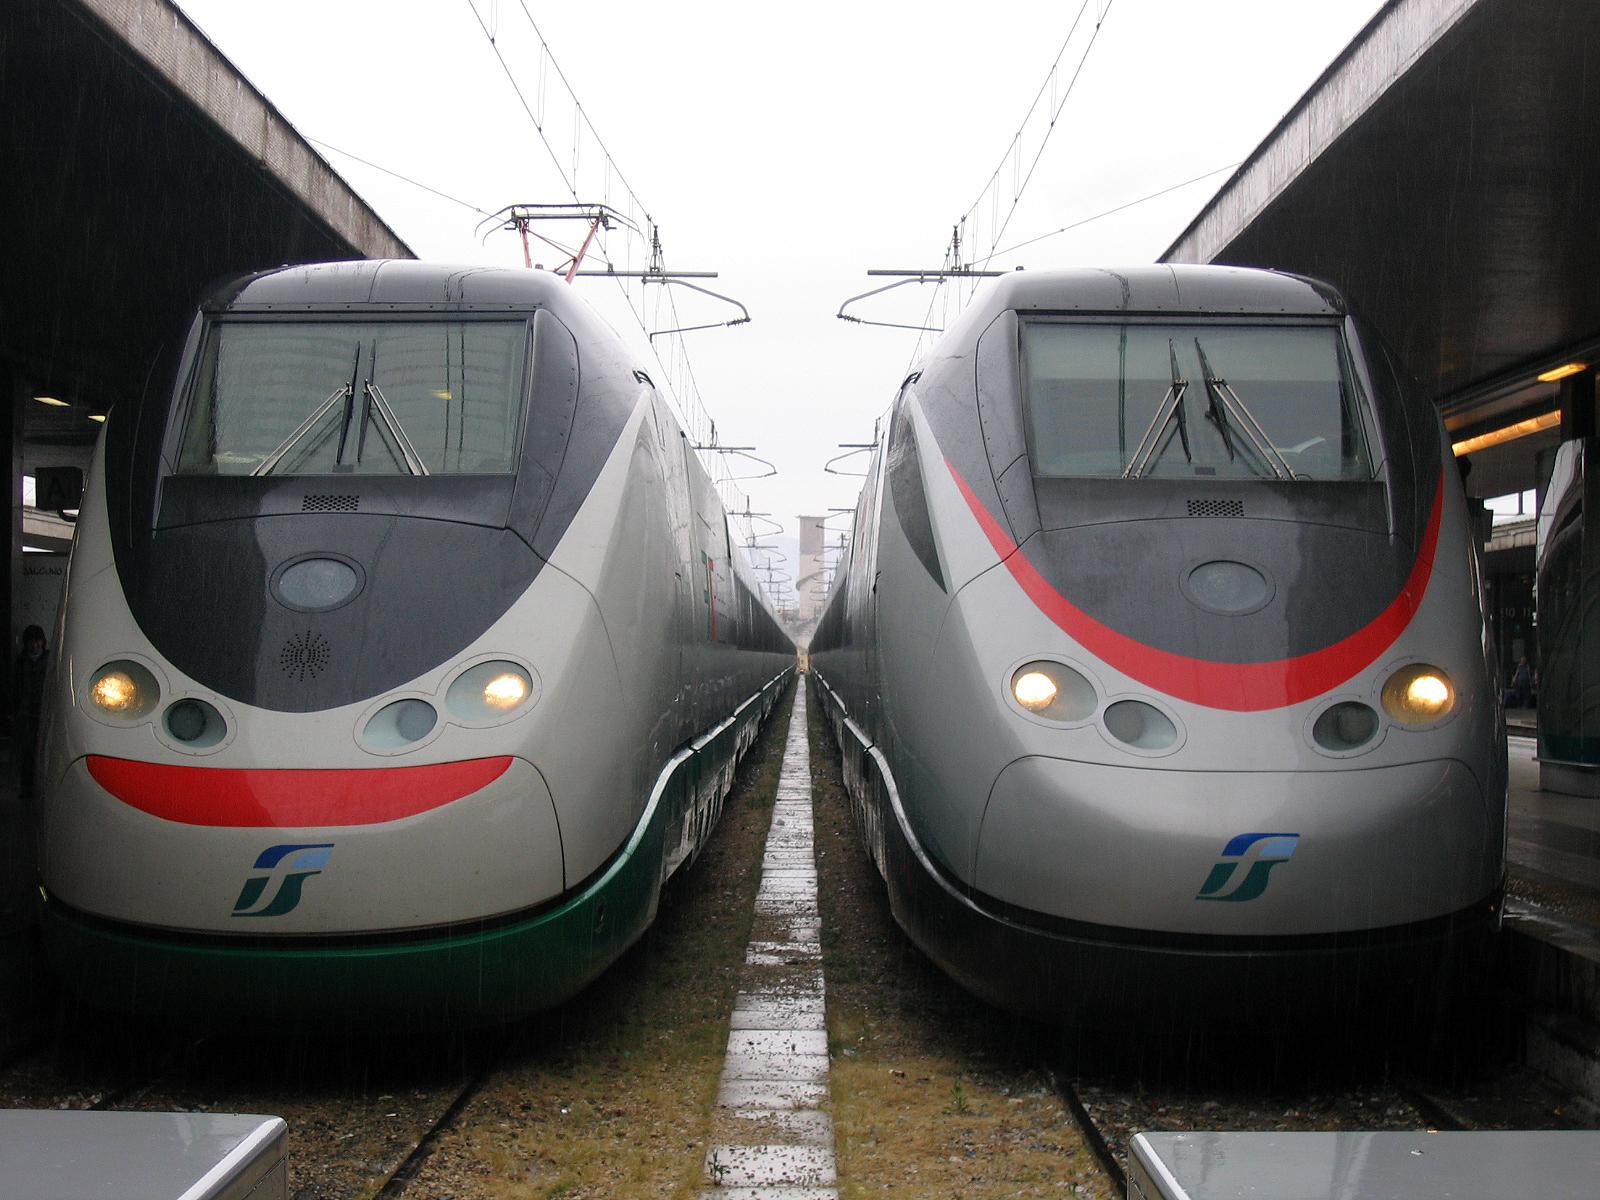 Trem-bala chinês é modelo, mas país está proibido até 2016 de fornecer tecnologia